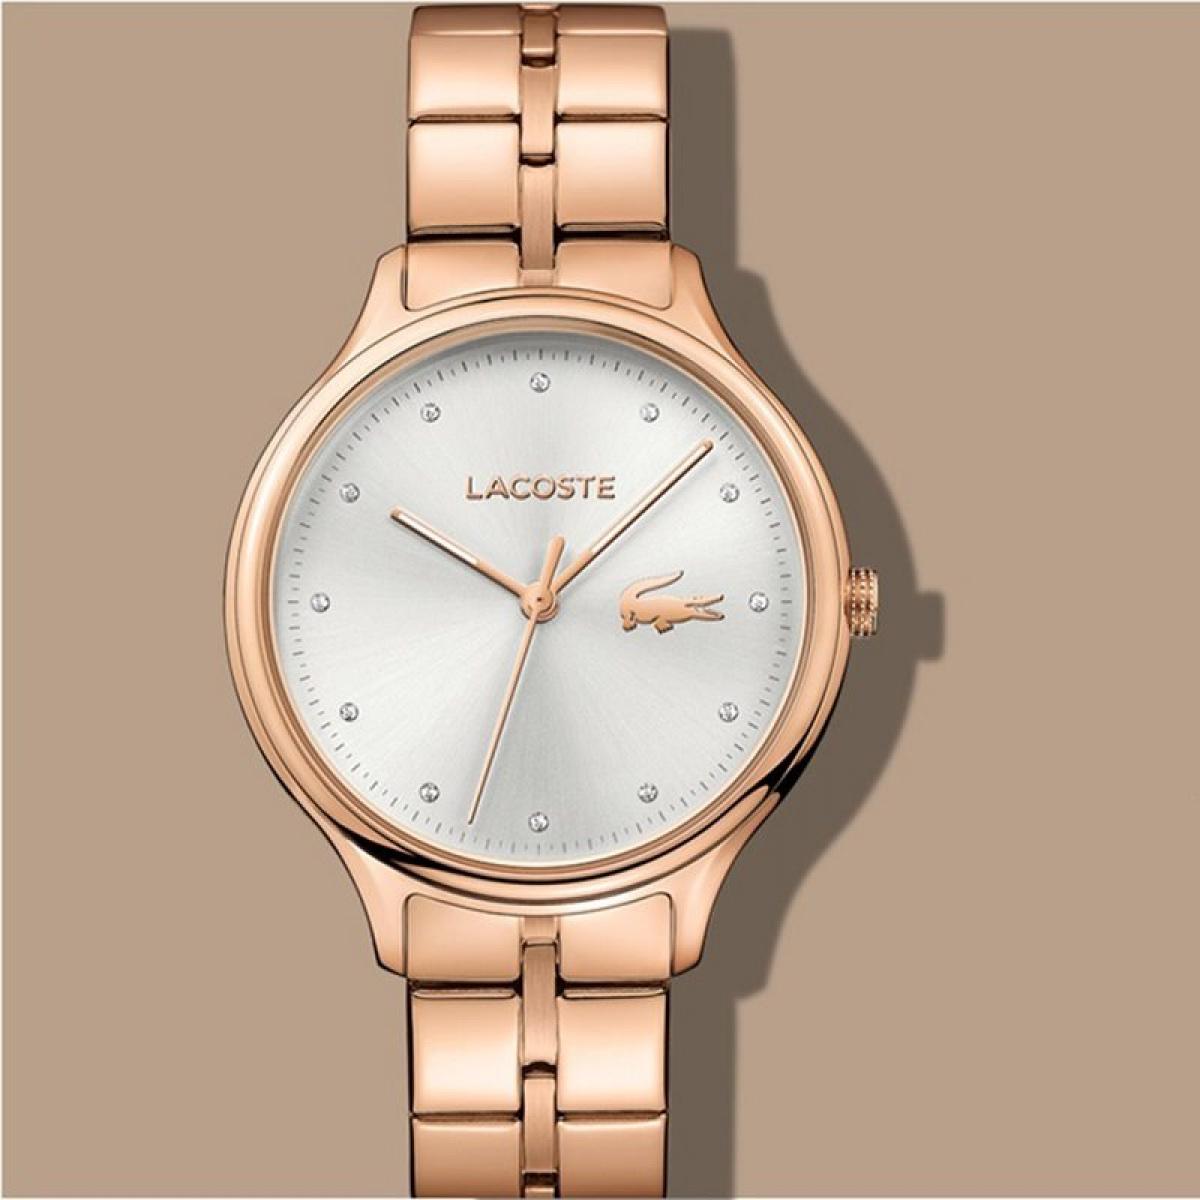 623c5bdca Nowa kolekcja zegarków Lacoste Constance w Time Trend